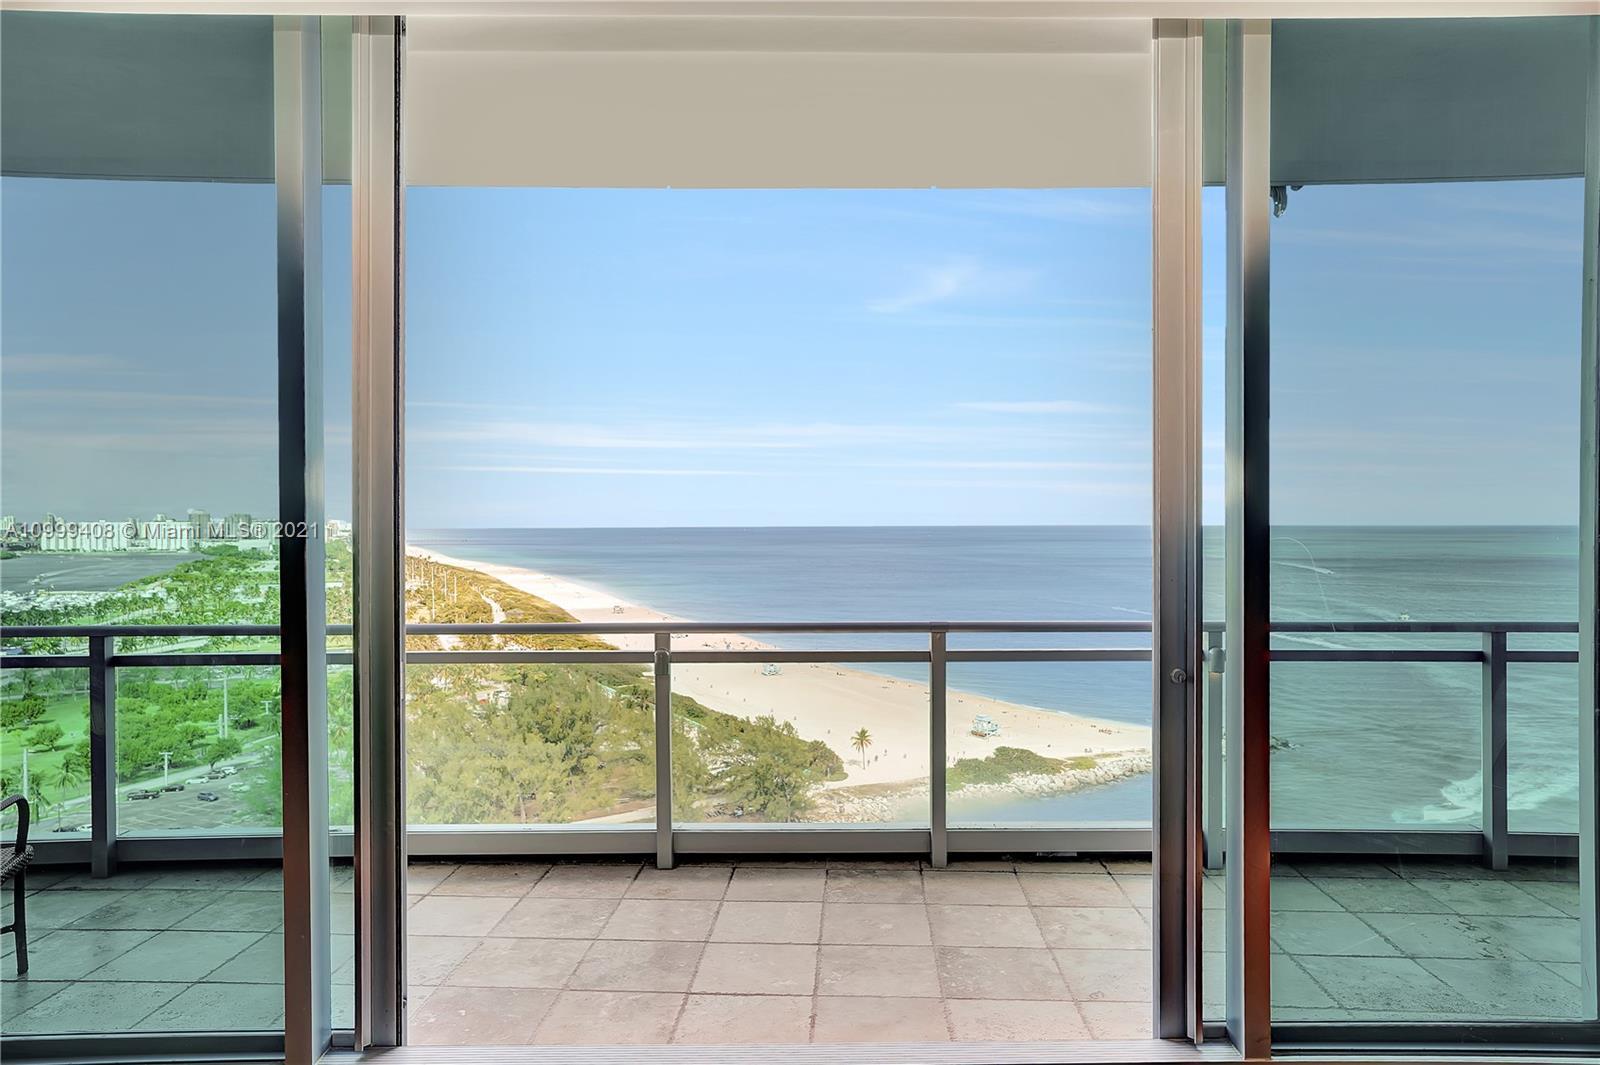 Ritz Carlton Bal Harbour #1617+1616 - 10295 COLLINS AV #1617+1616, Bal Harbour, FL 33154